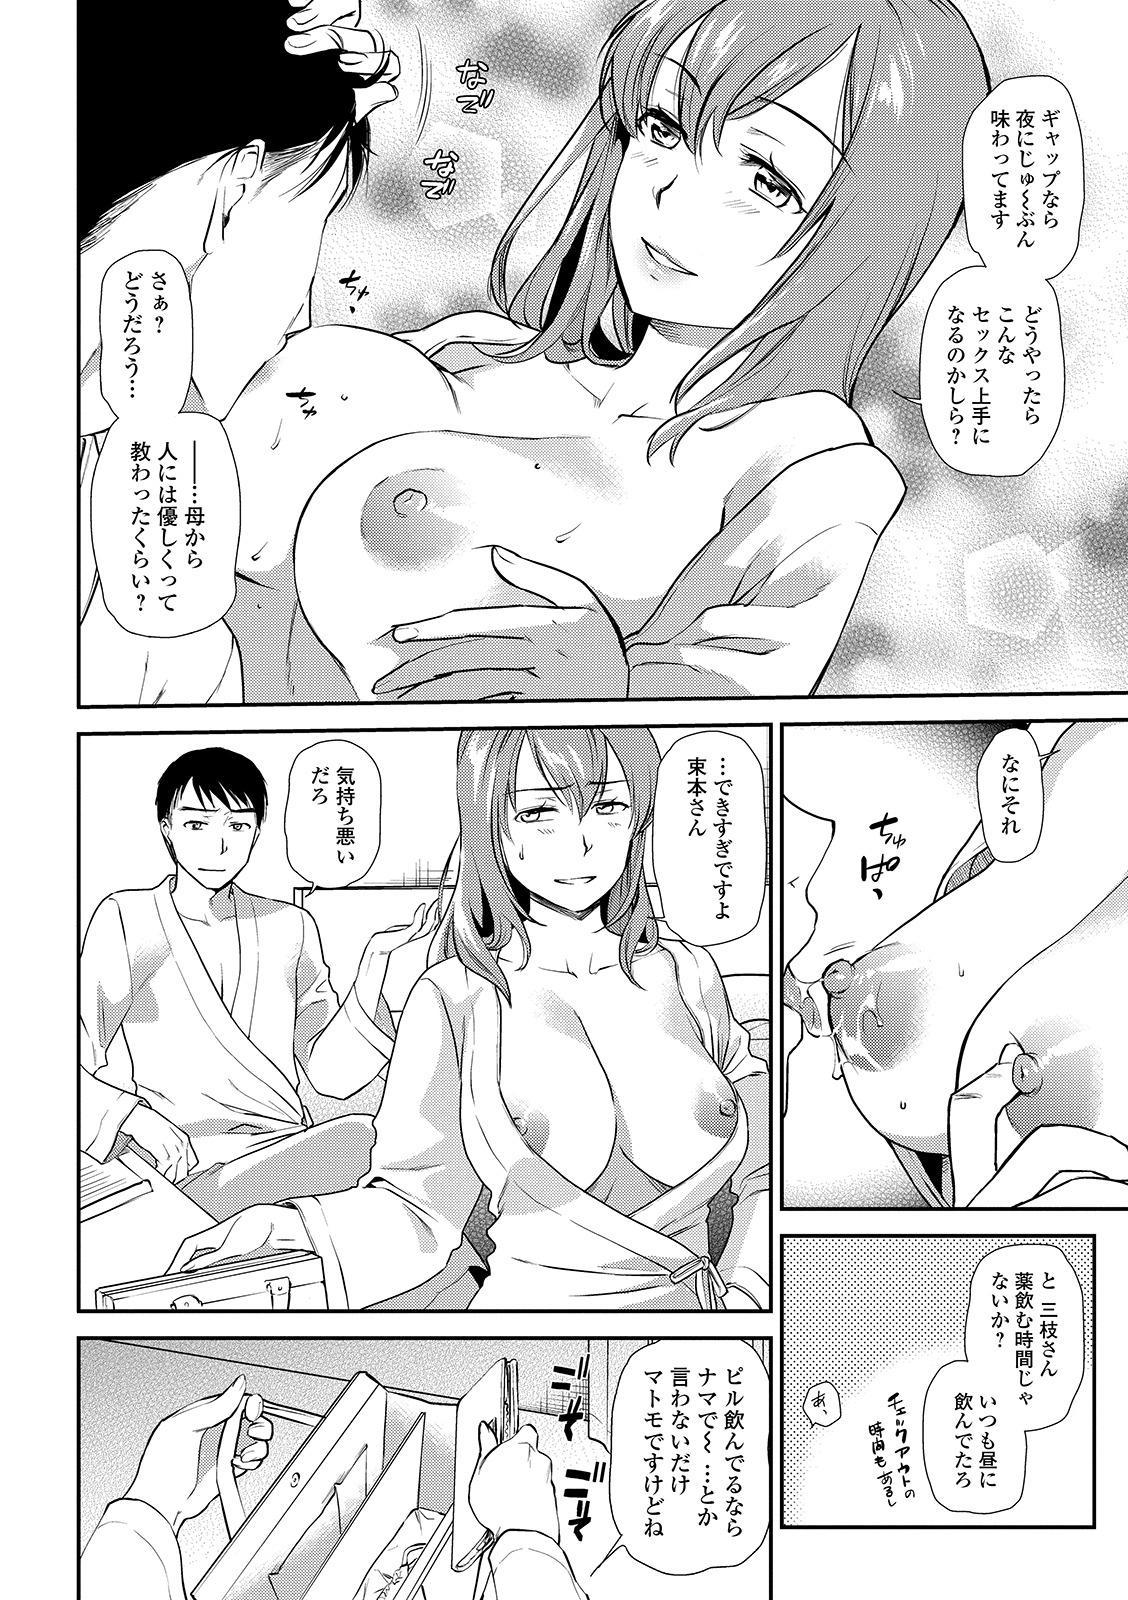 Web Comic Toutetsu Vol. 40 21